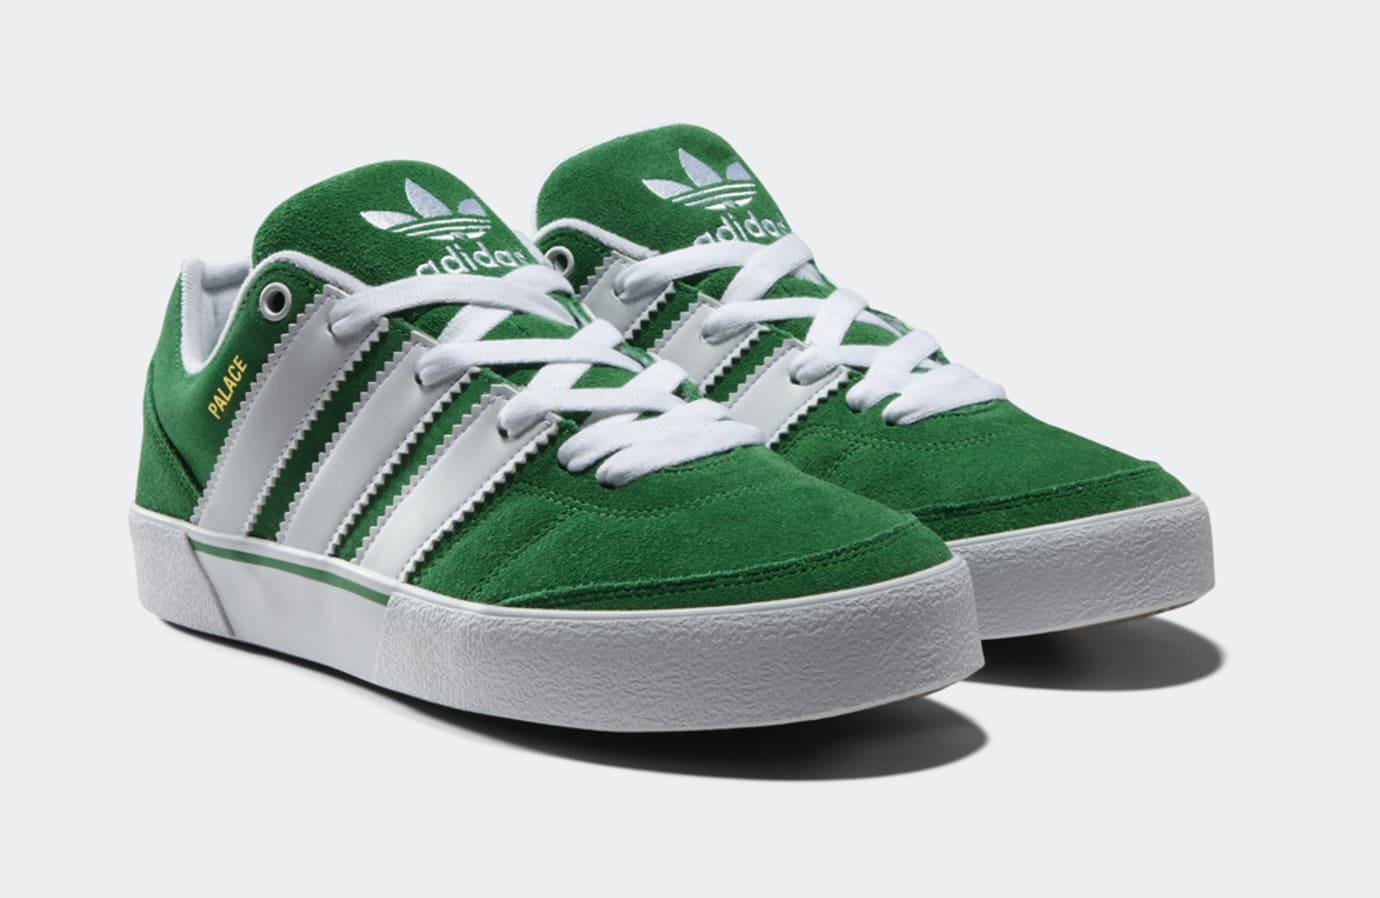 Palace Adidas Oreardon 5